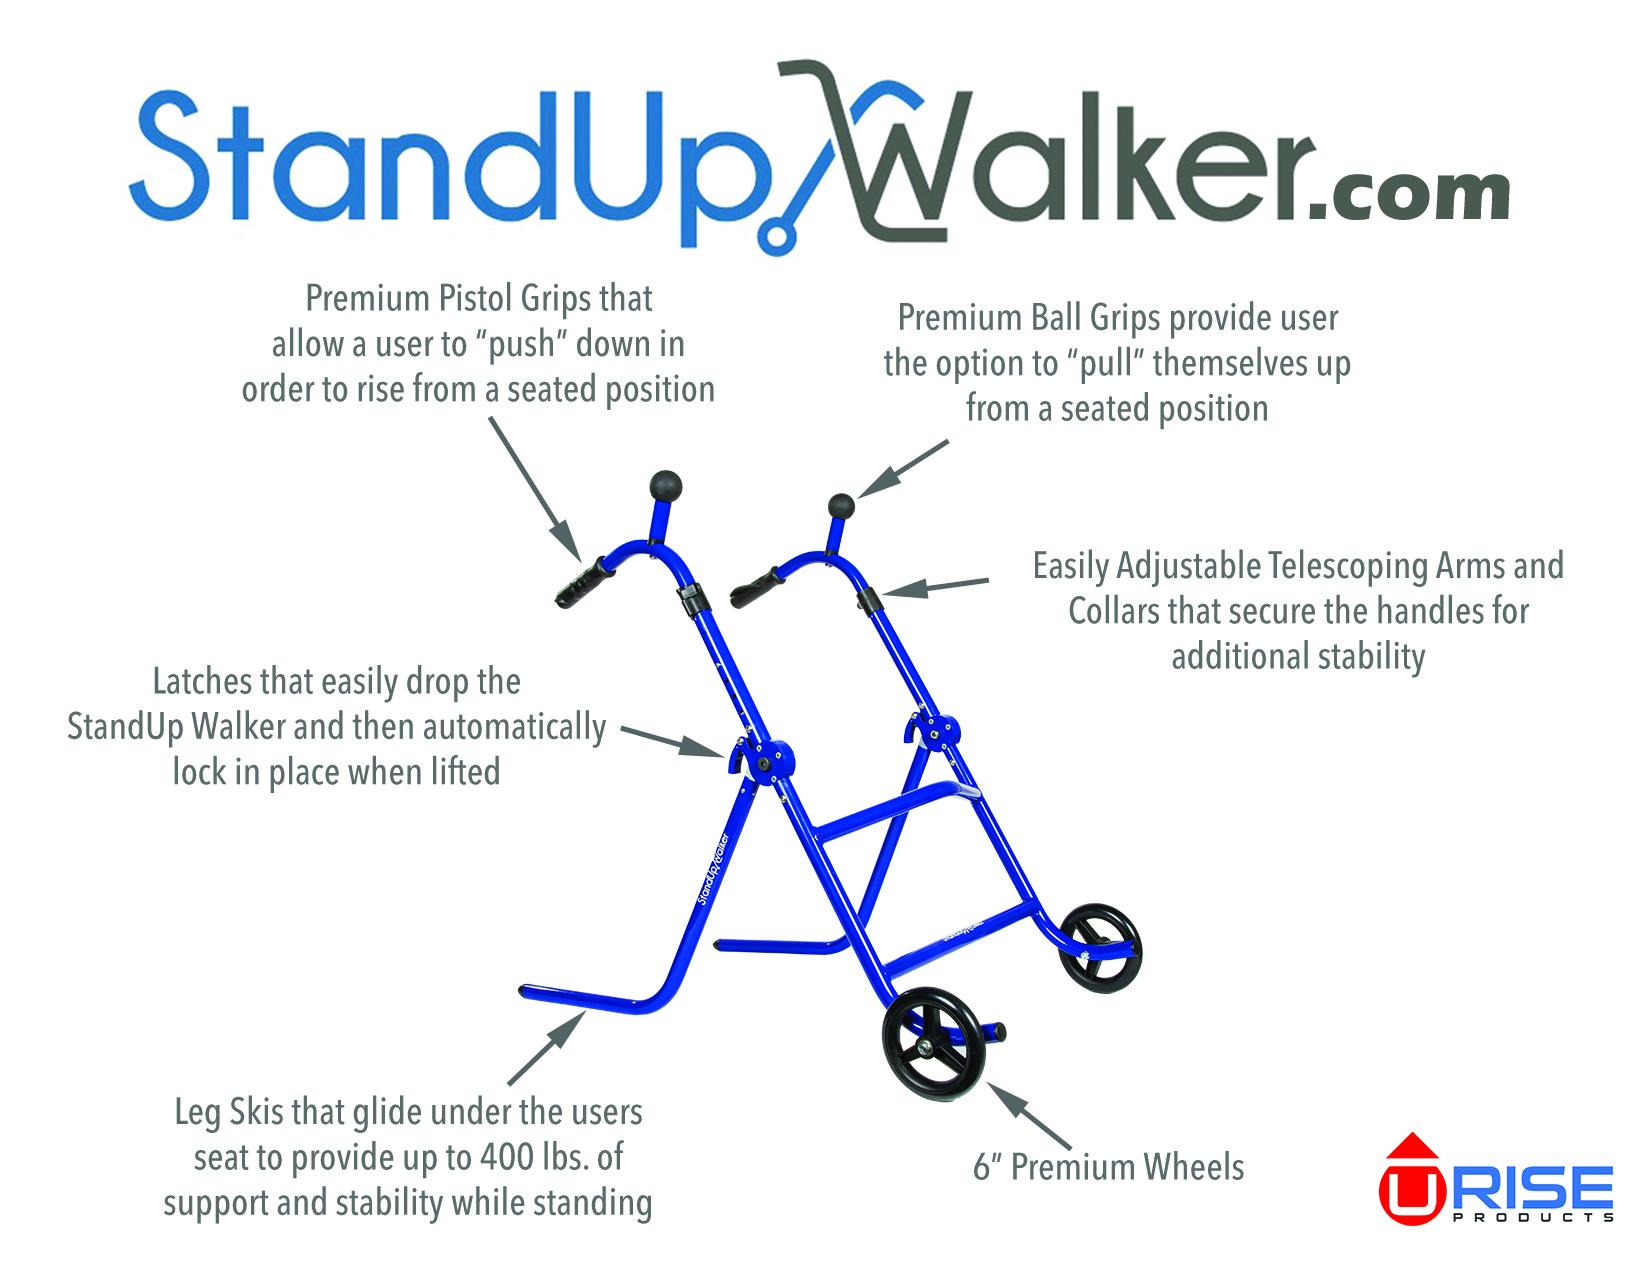 standupwalker-postcard-front.jpg